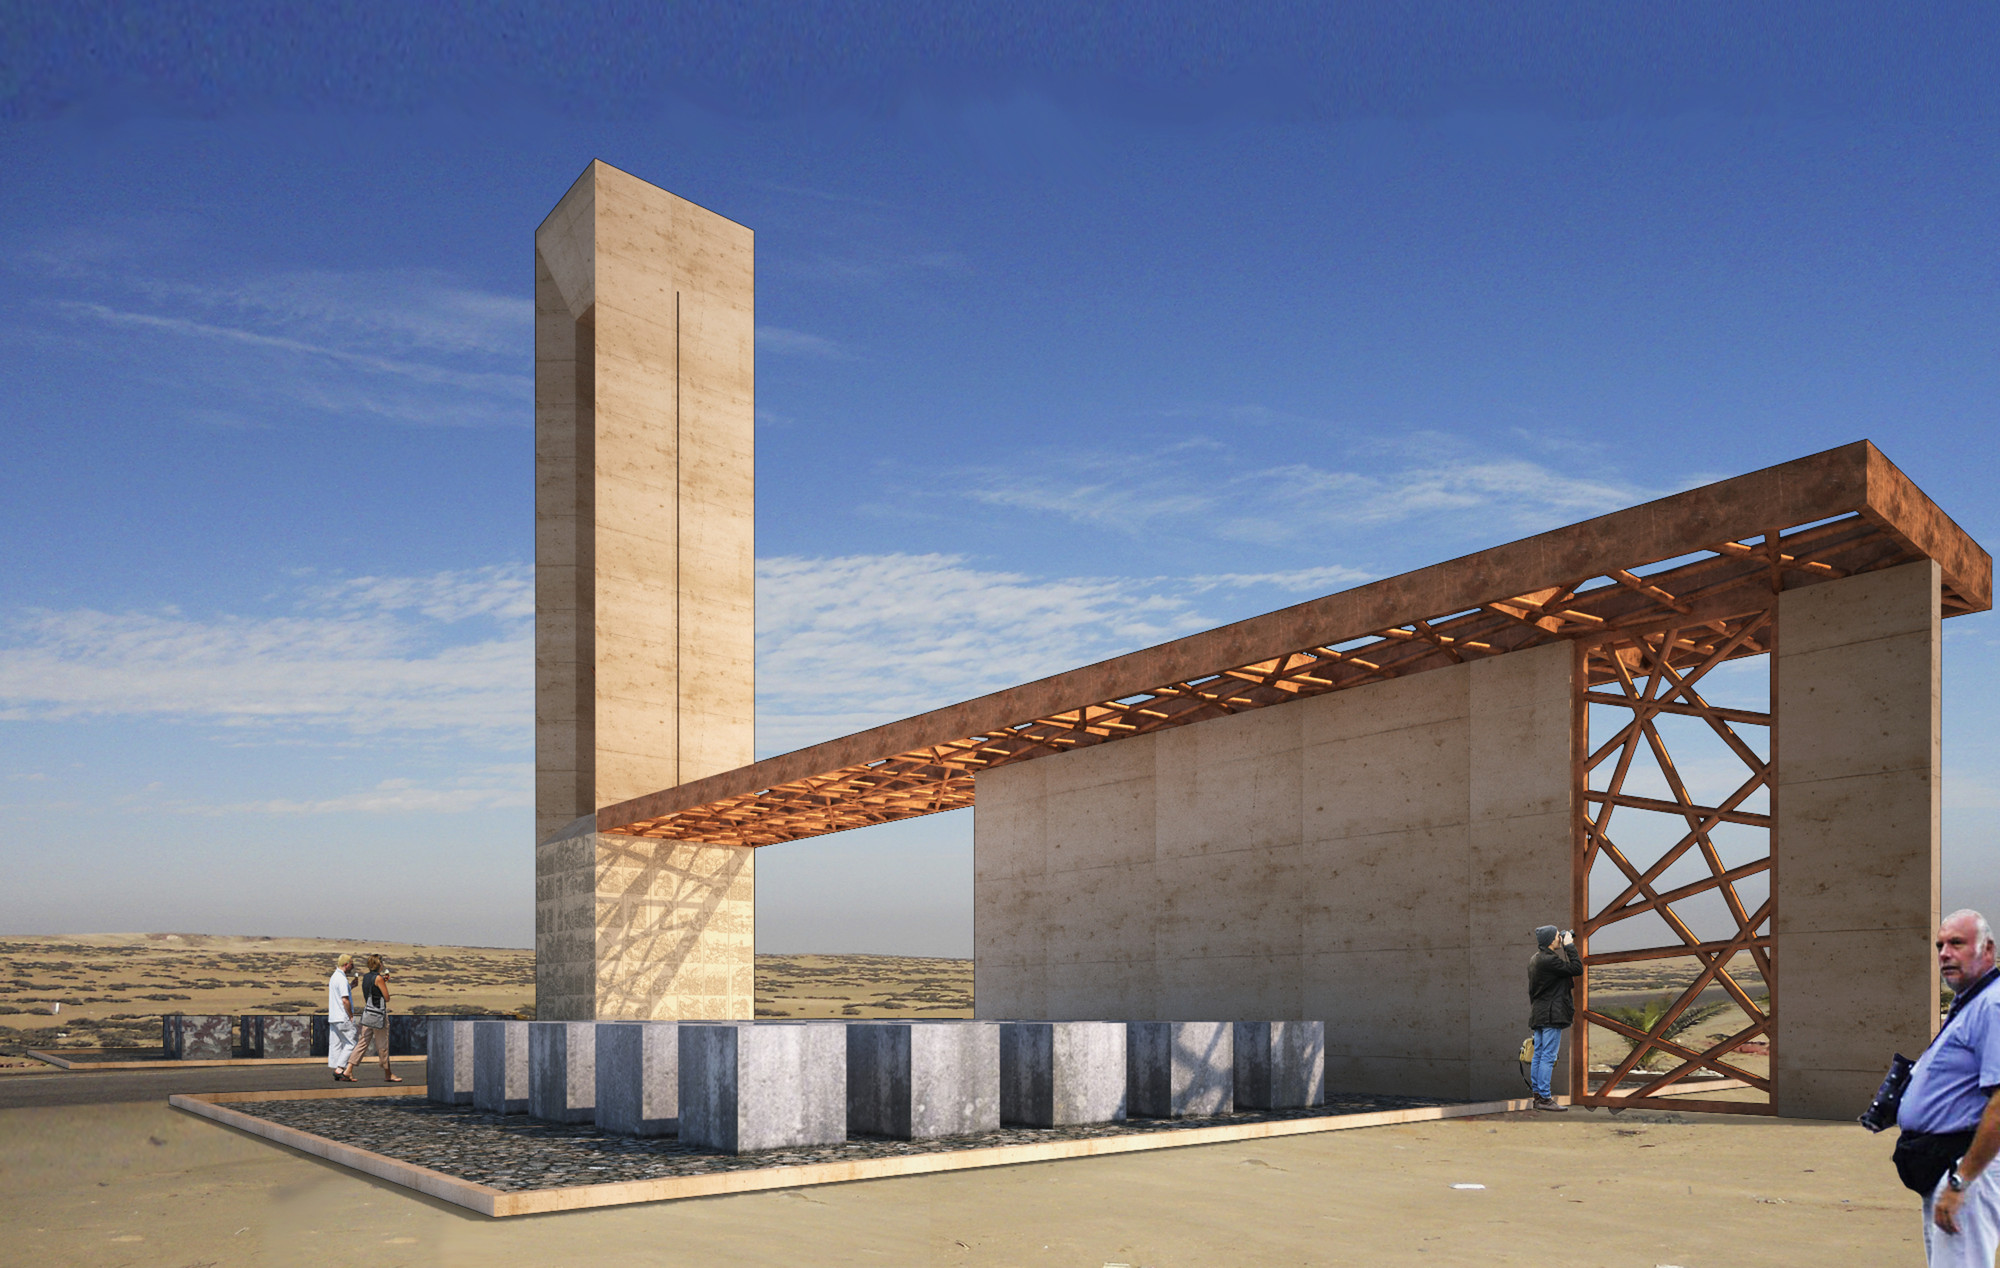 Segundo lugar en concurso de escenario de batalla del Alto de la Alianza / Perú, Cortesia de 2.0 Arquitectos